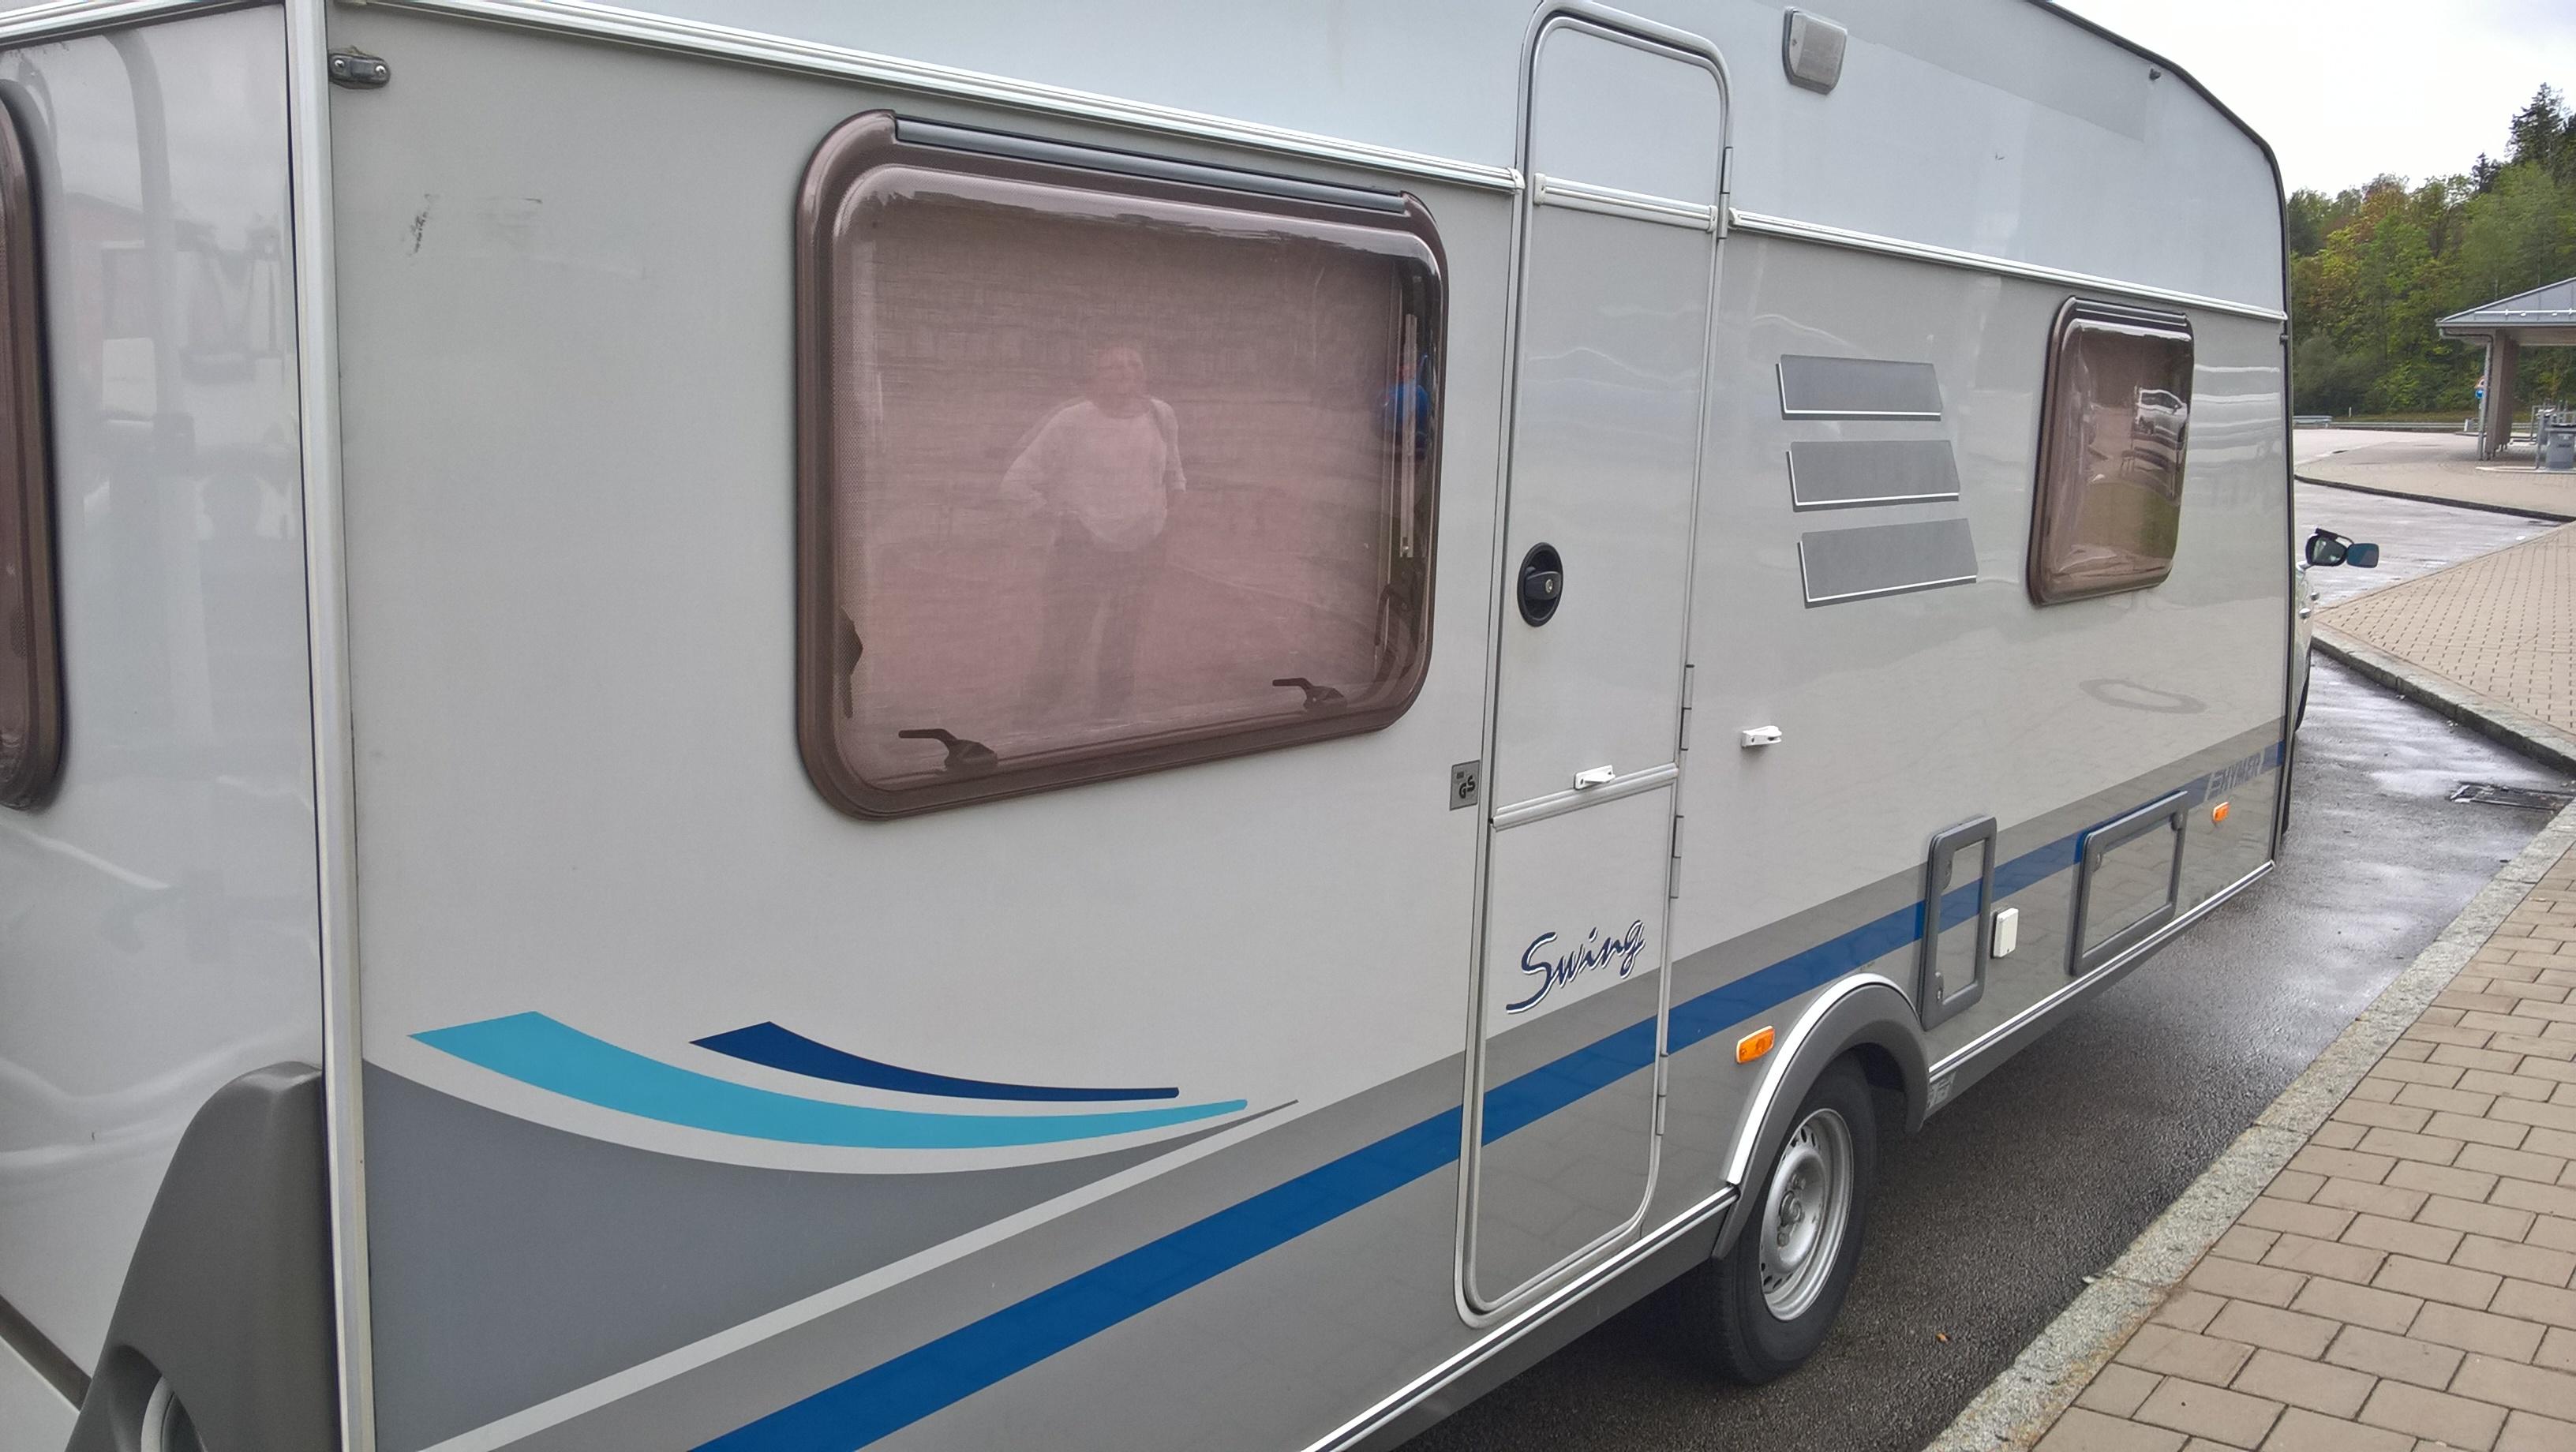 Wohnwagen Mit Etagenbett Gebraucht Kaufen : Gebraucht wohnwagen in Österreich finden mit allen informationen